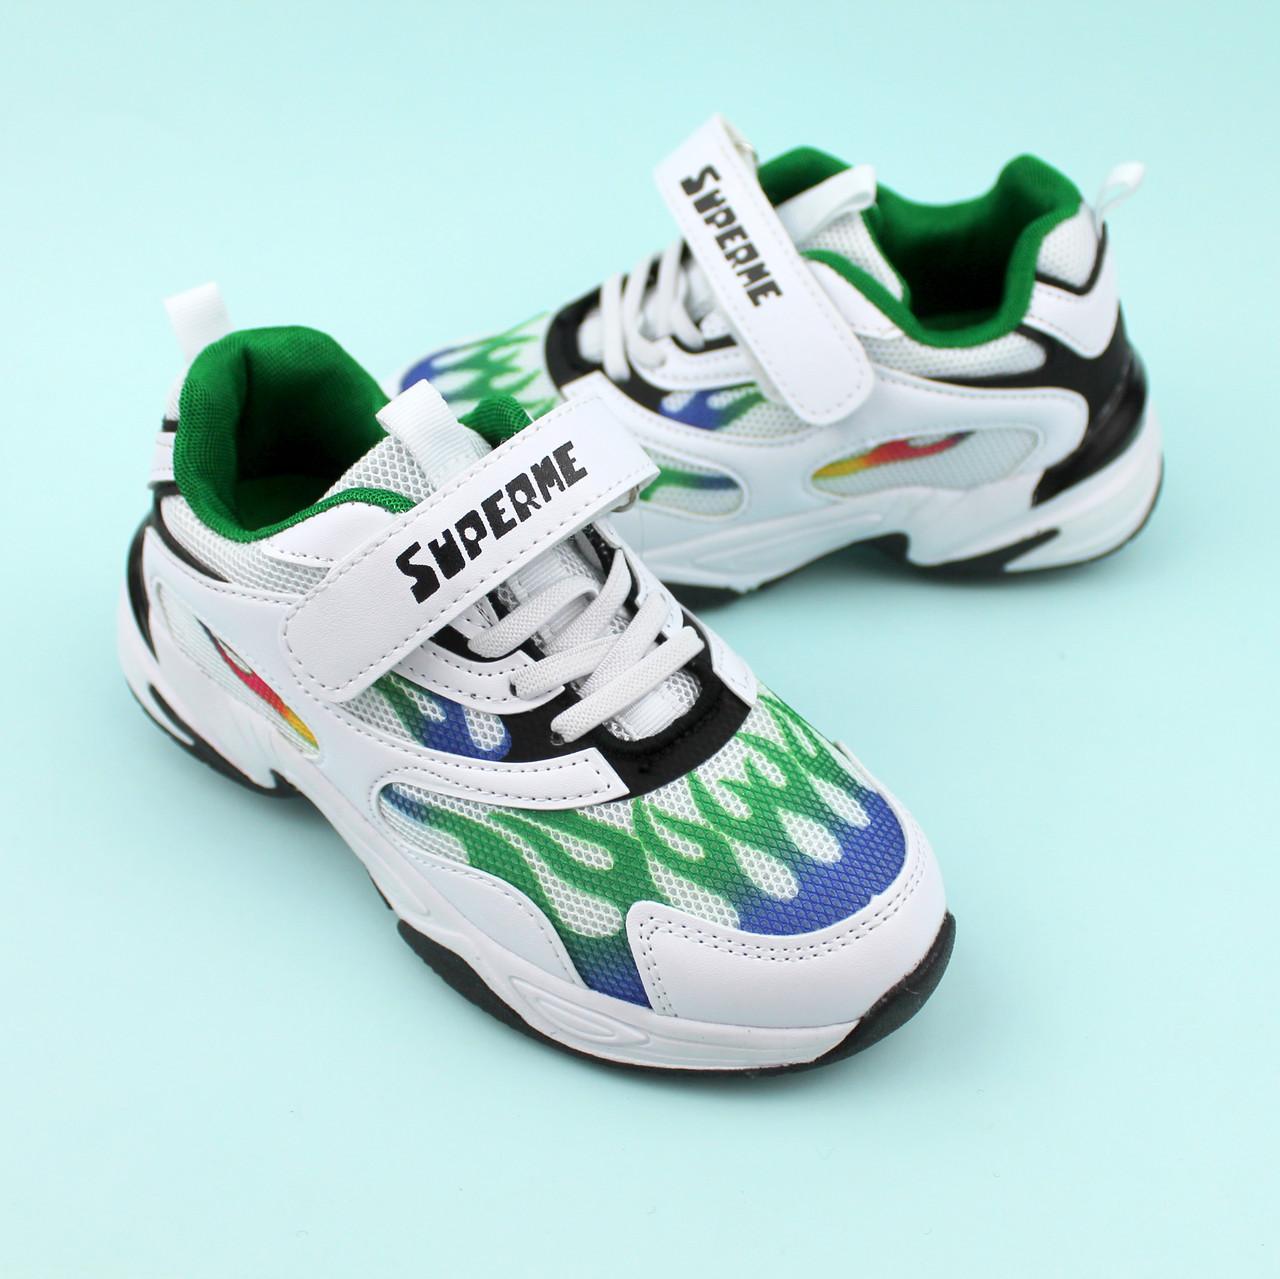 Детские белые кроссовки  Пламя тм Violeta размер 31,32,33,34,35,36